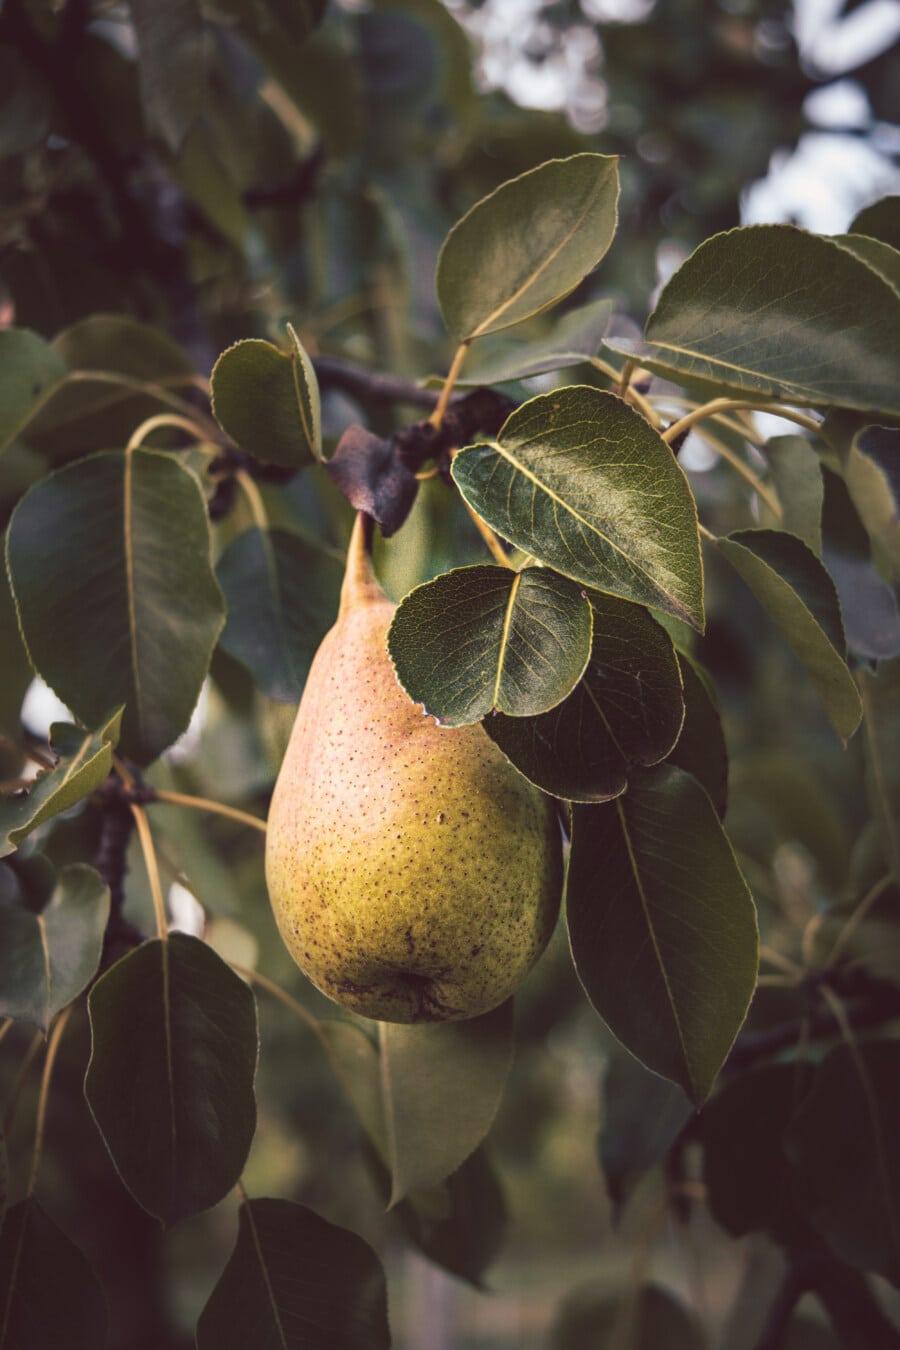 organique, Agriculture, PEAR, arbre fruitier, doux, fruits, verger, feuille, arbre, alimentaire